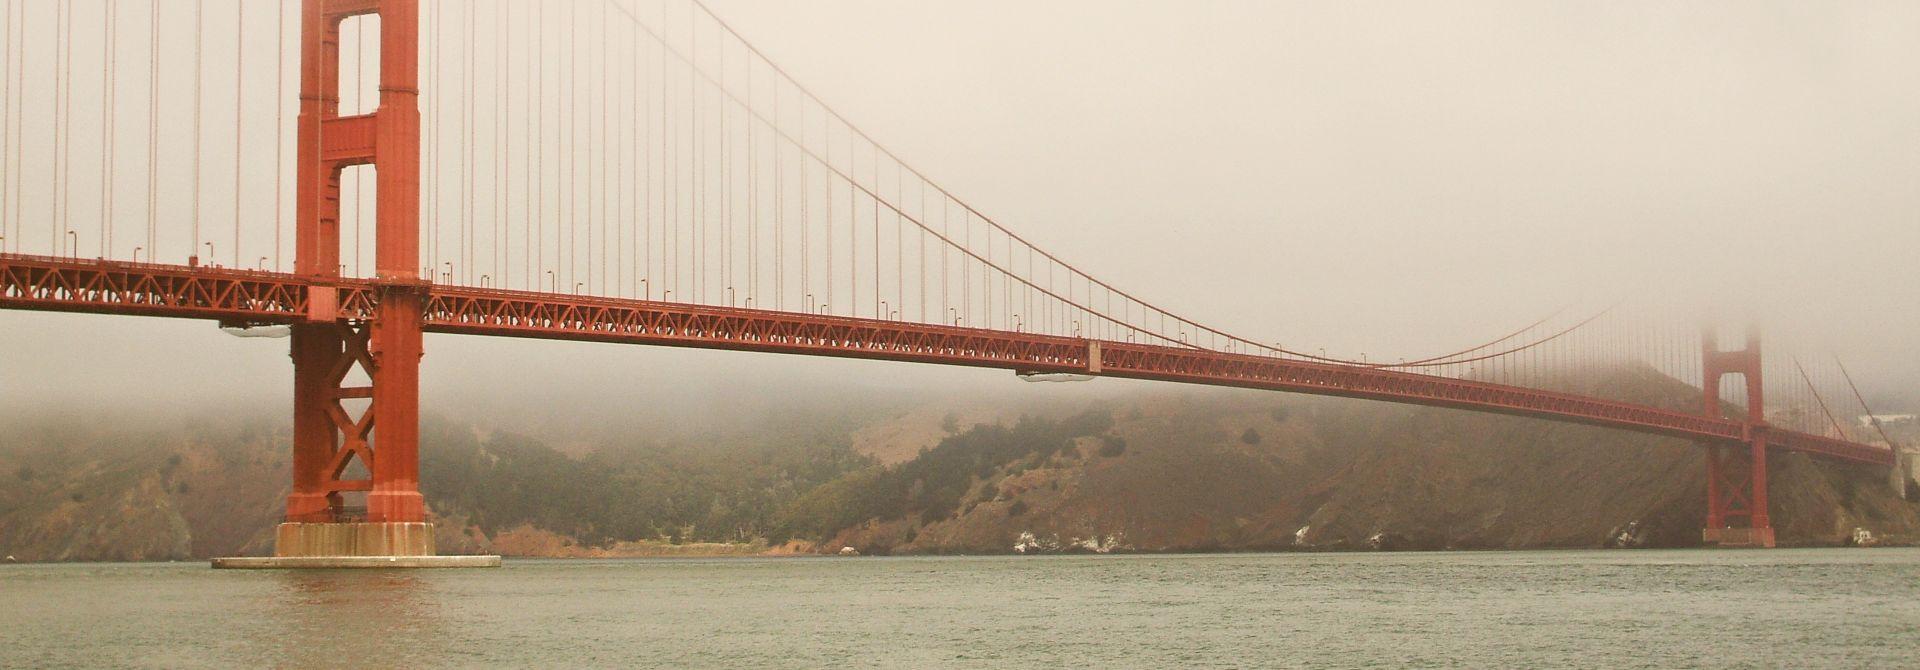 Golden Gate Bridge Hero